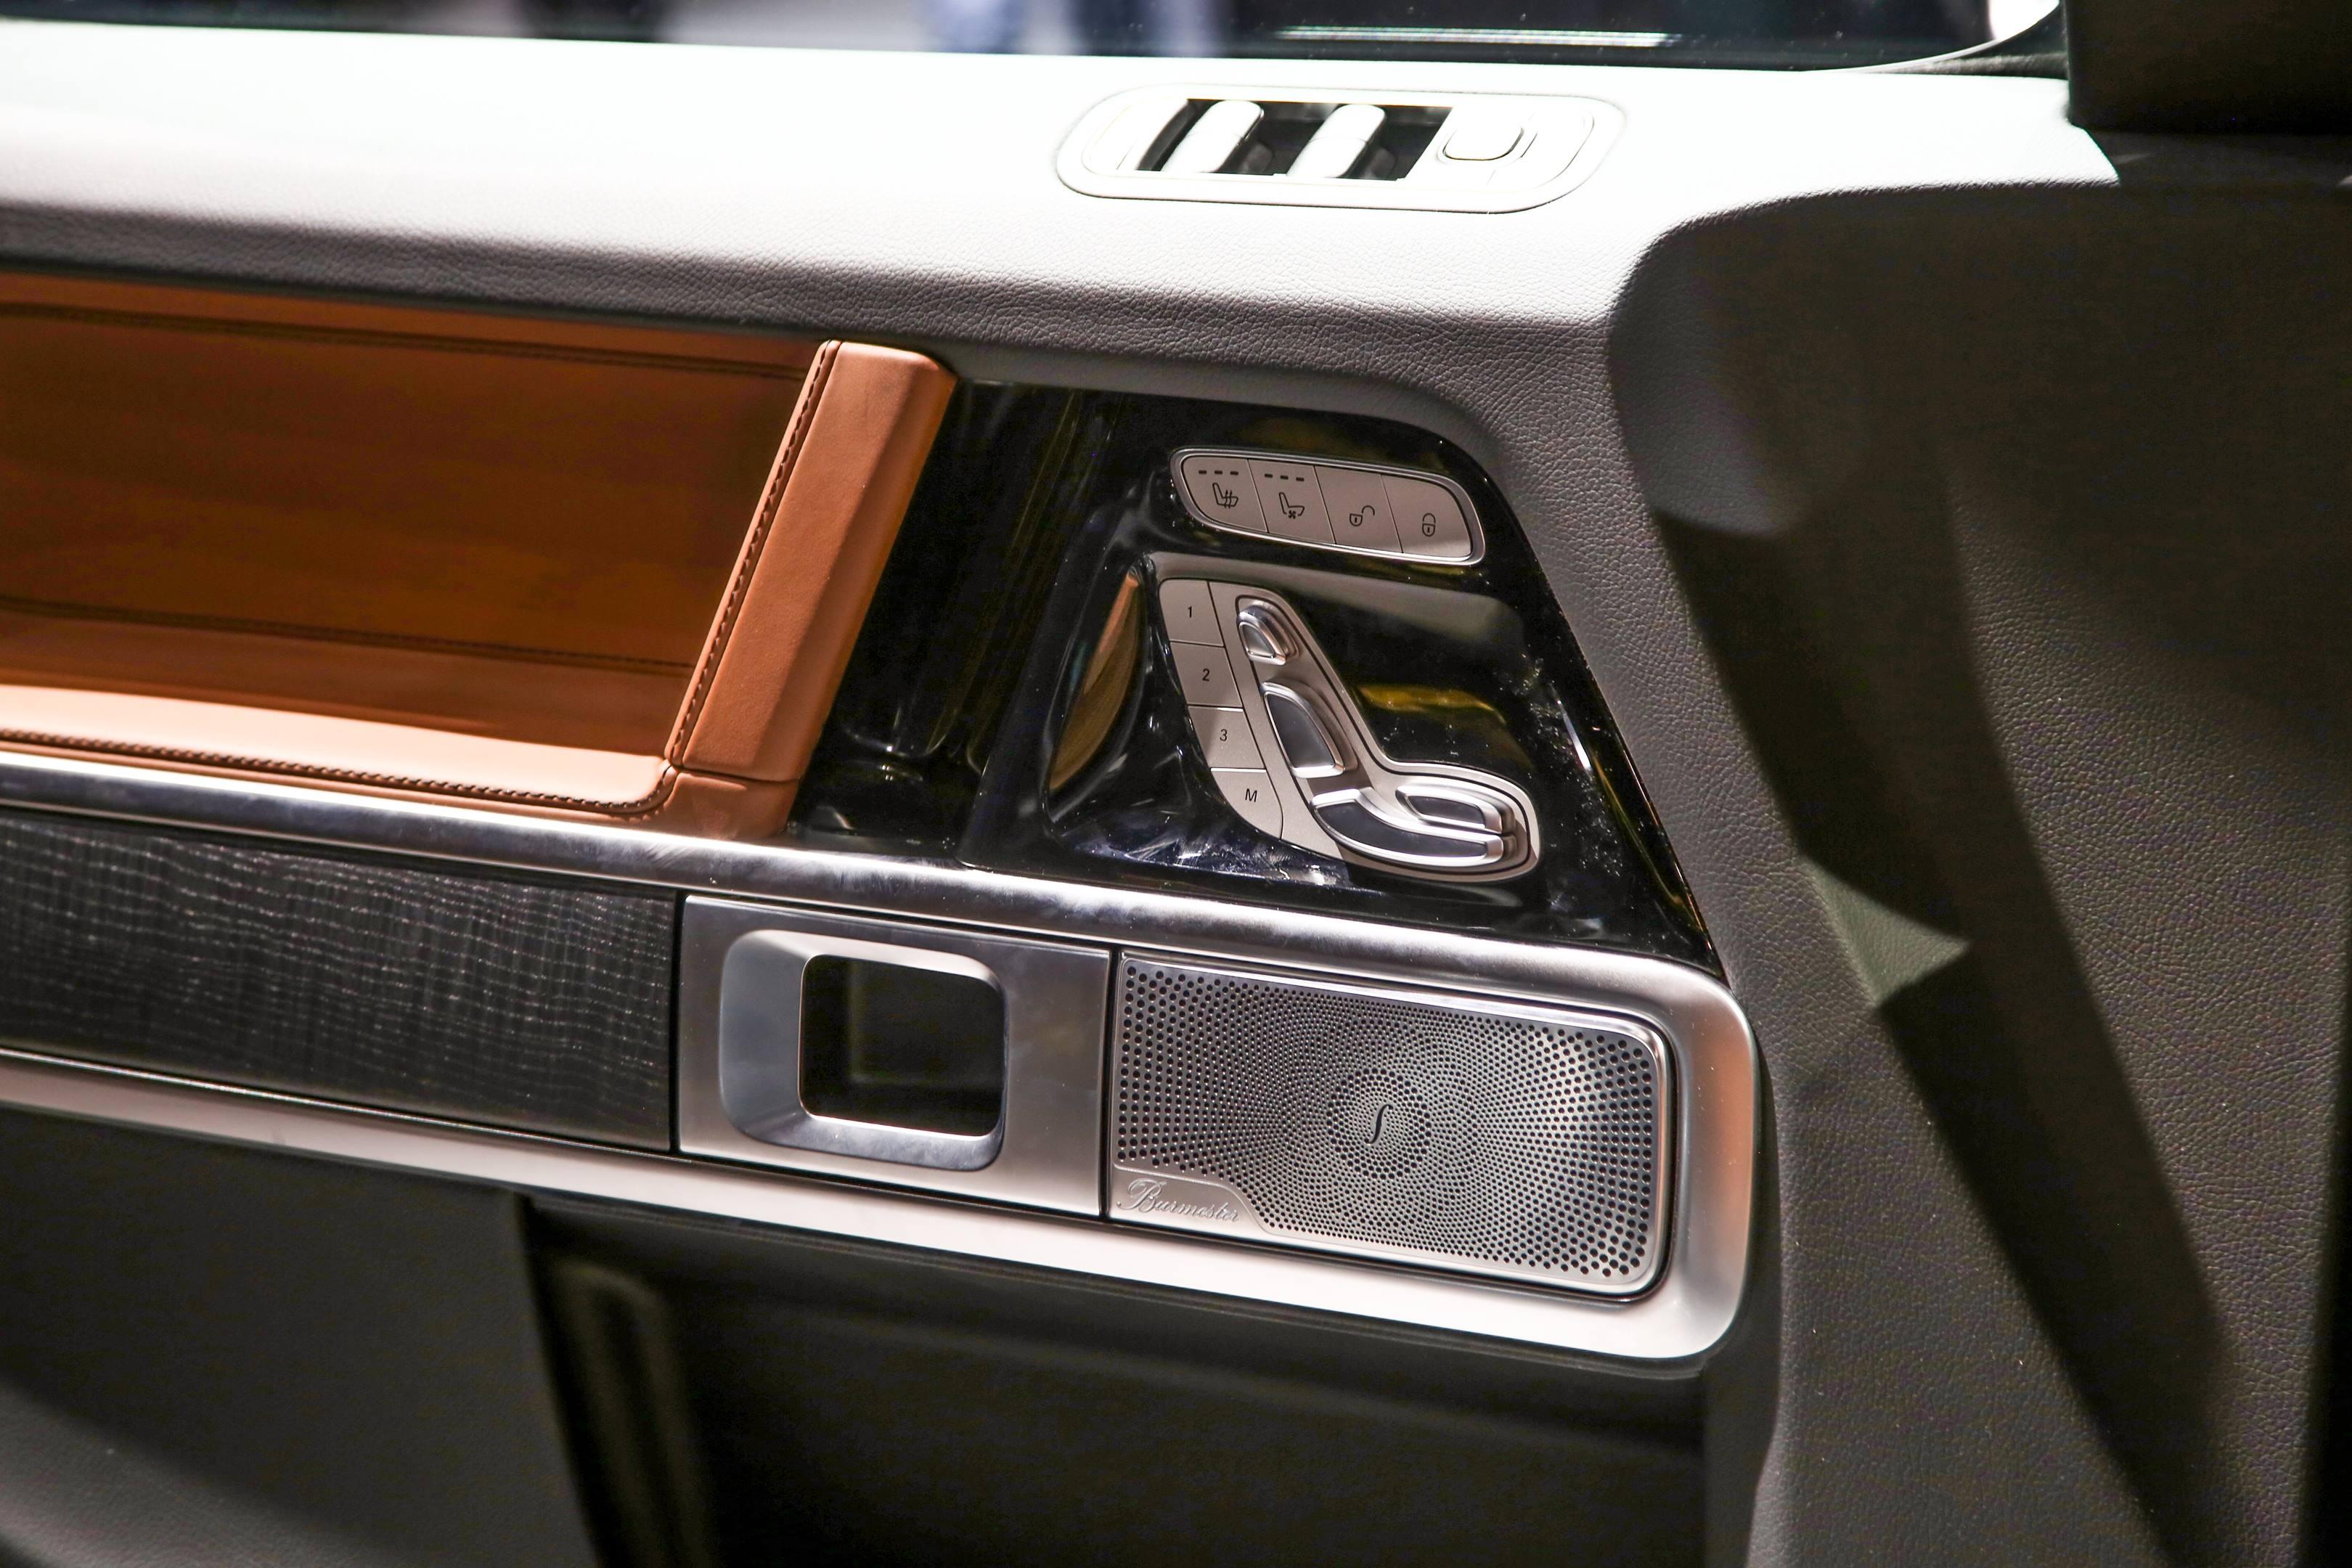 2019 Mercedes-Benz G-Class door panel